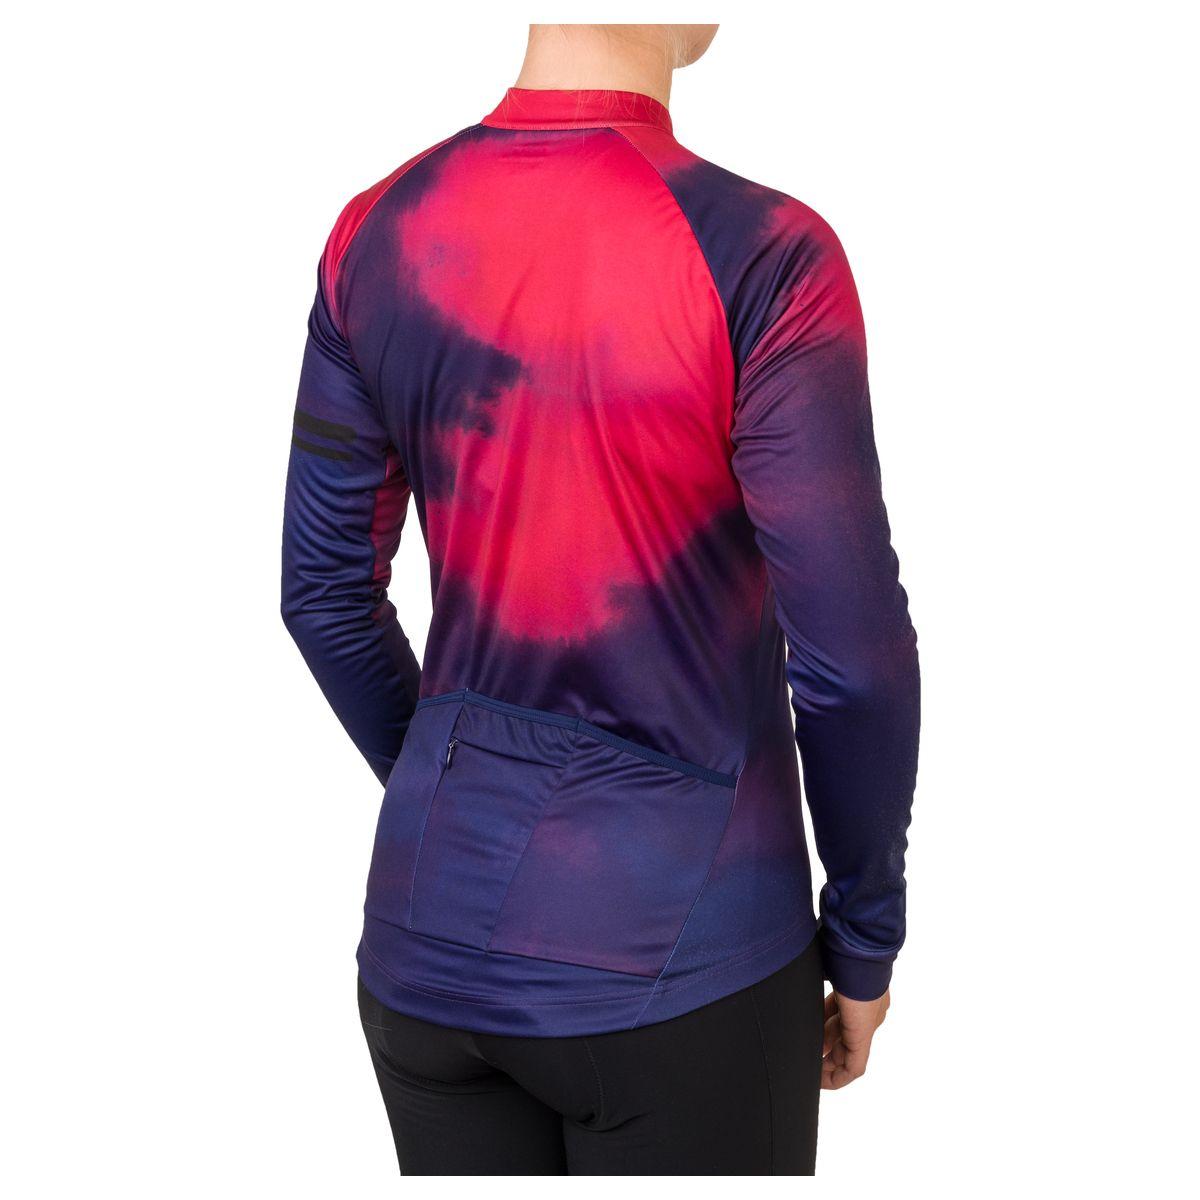 Aqua Fietsshirt Lange Mouwen Trend Dames fit example